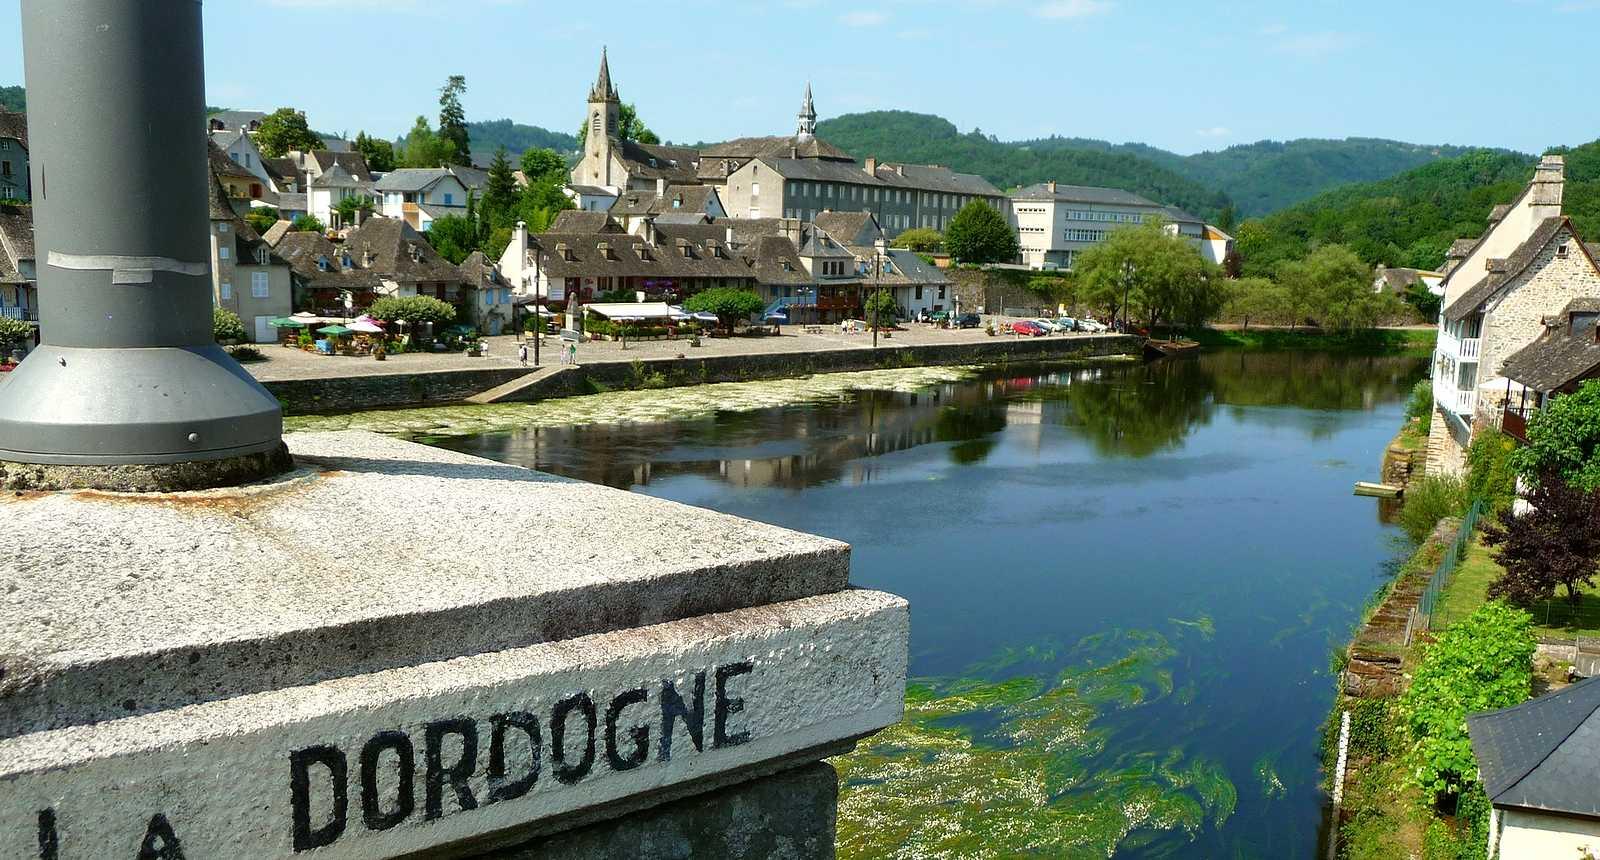 Aperçu de la Dordogne et de la ville d'Argentat